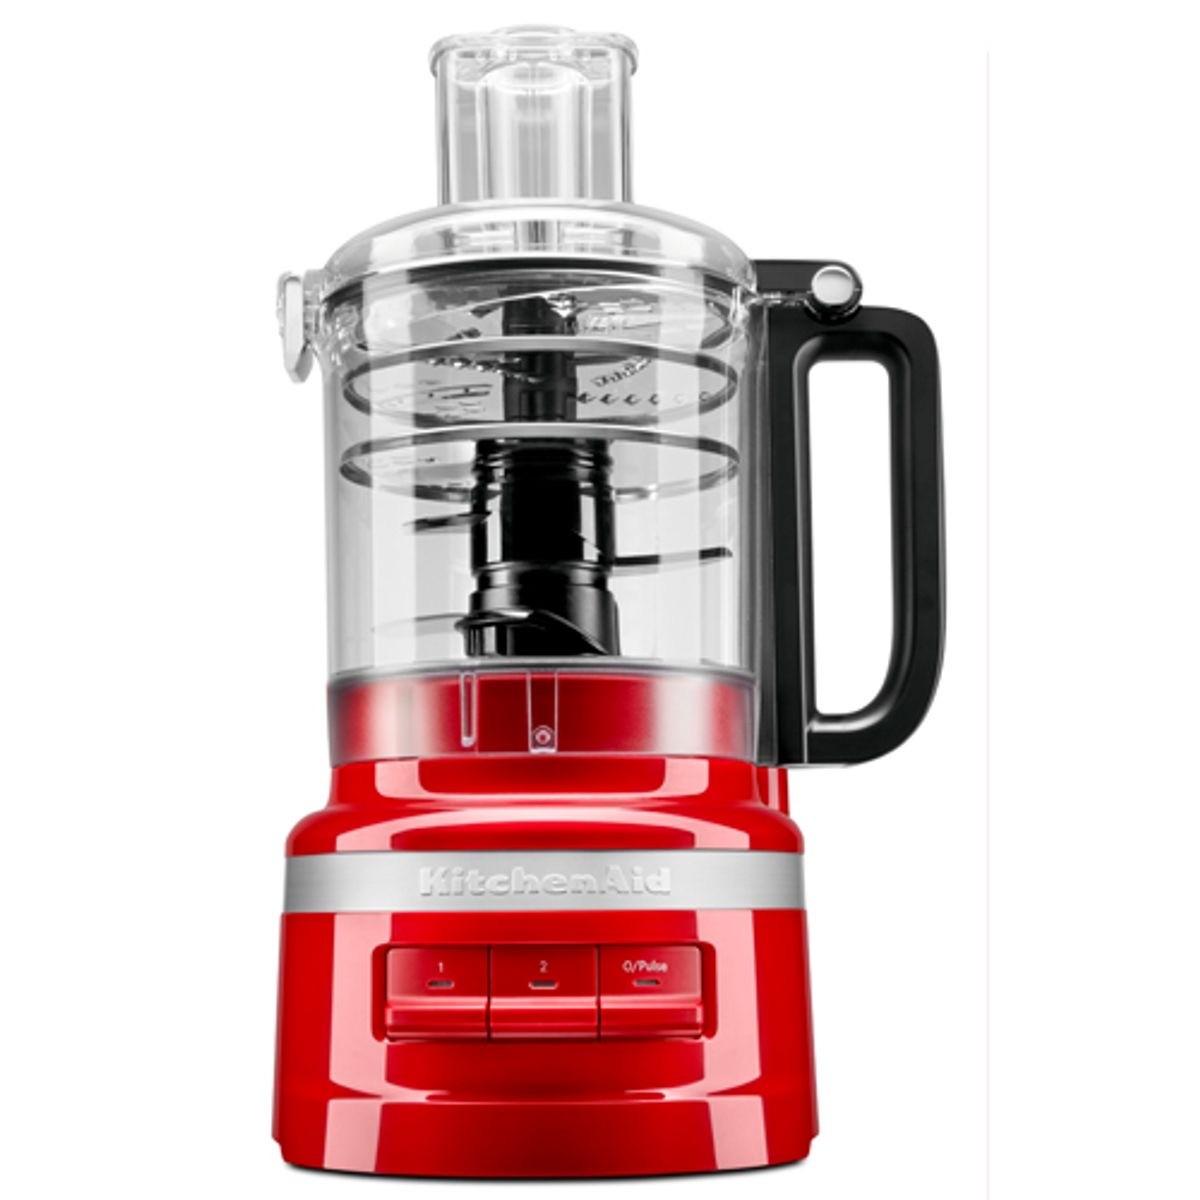 Processador de Alimentos KitchenAid Empire Red com 3 Velocidades, Capacidade de 2,1 Litros e Múltiplas Funções - KJA09BV - 127V